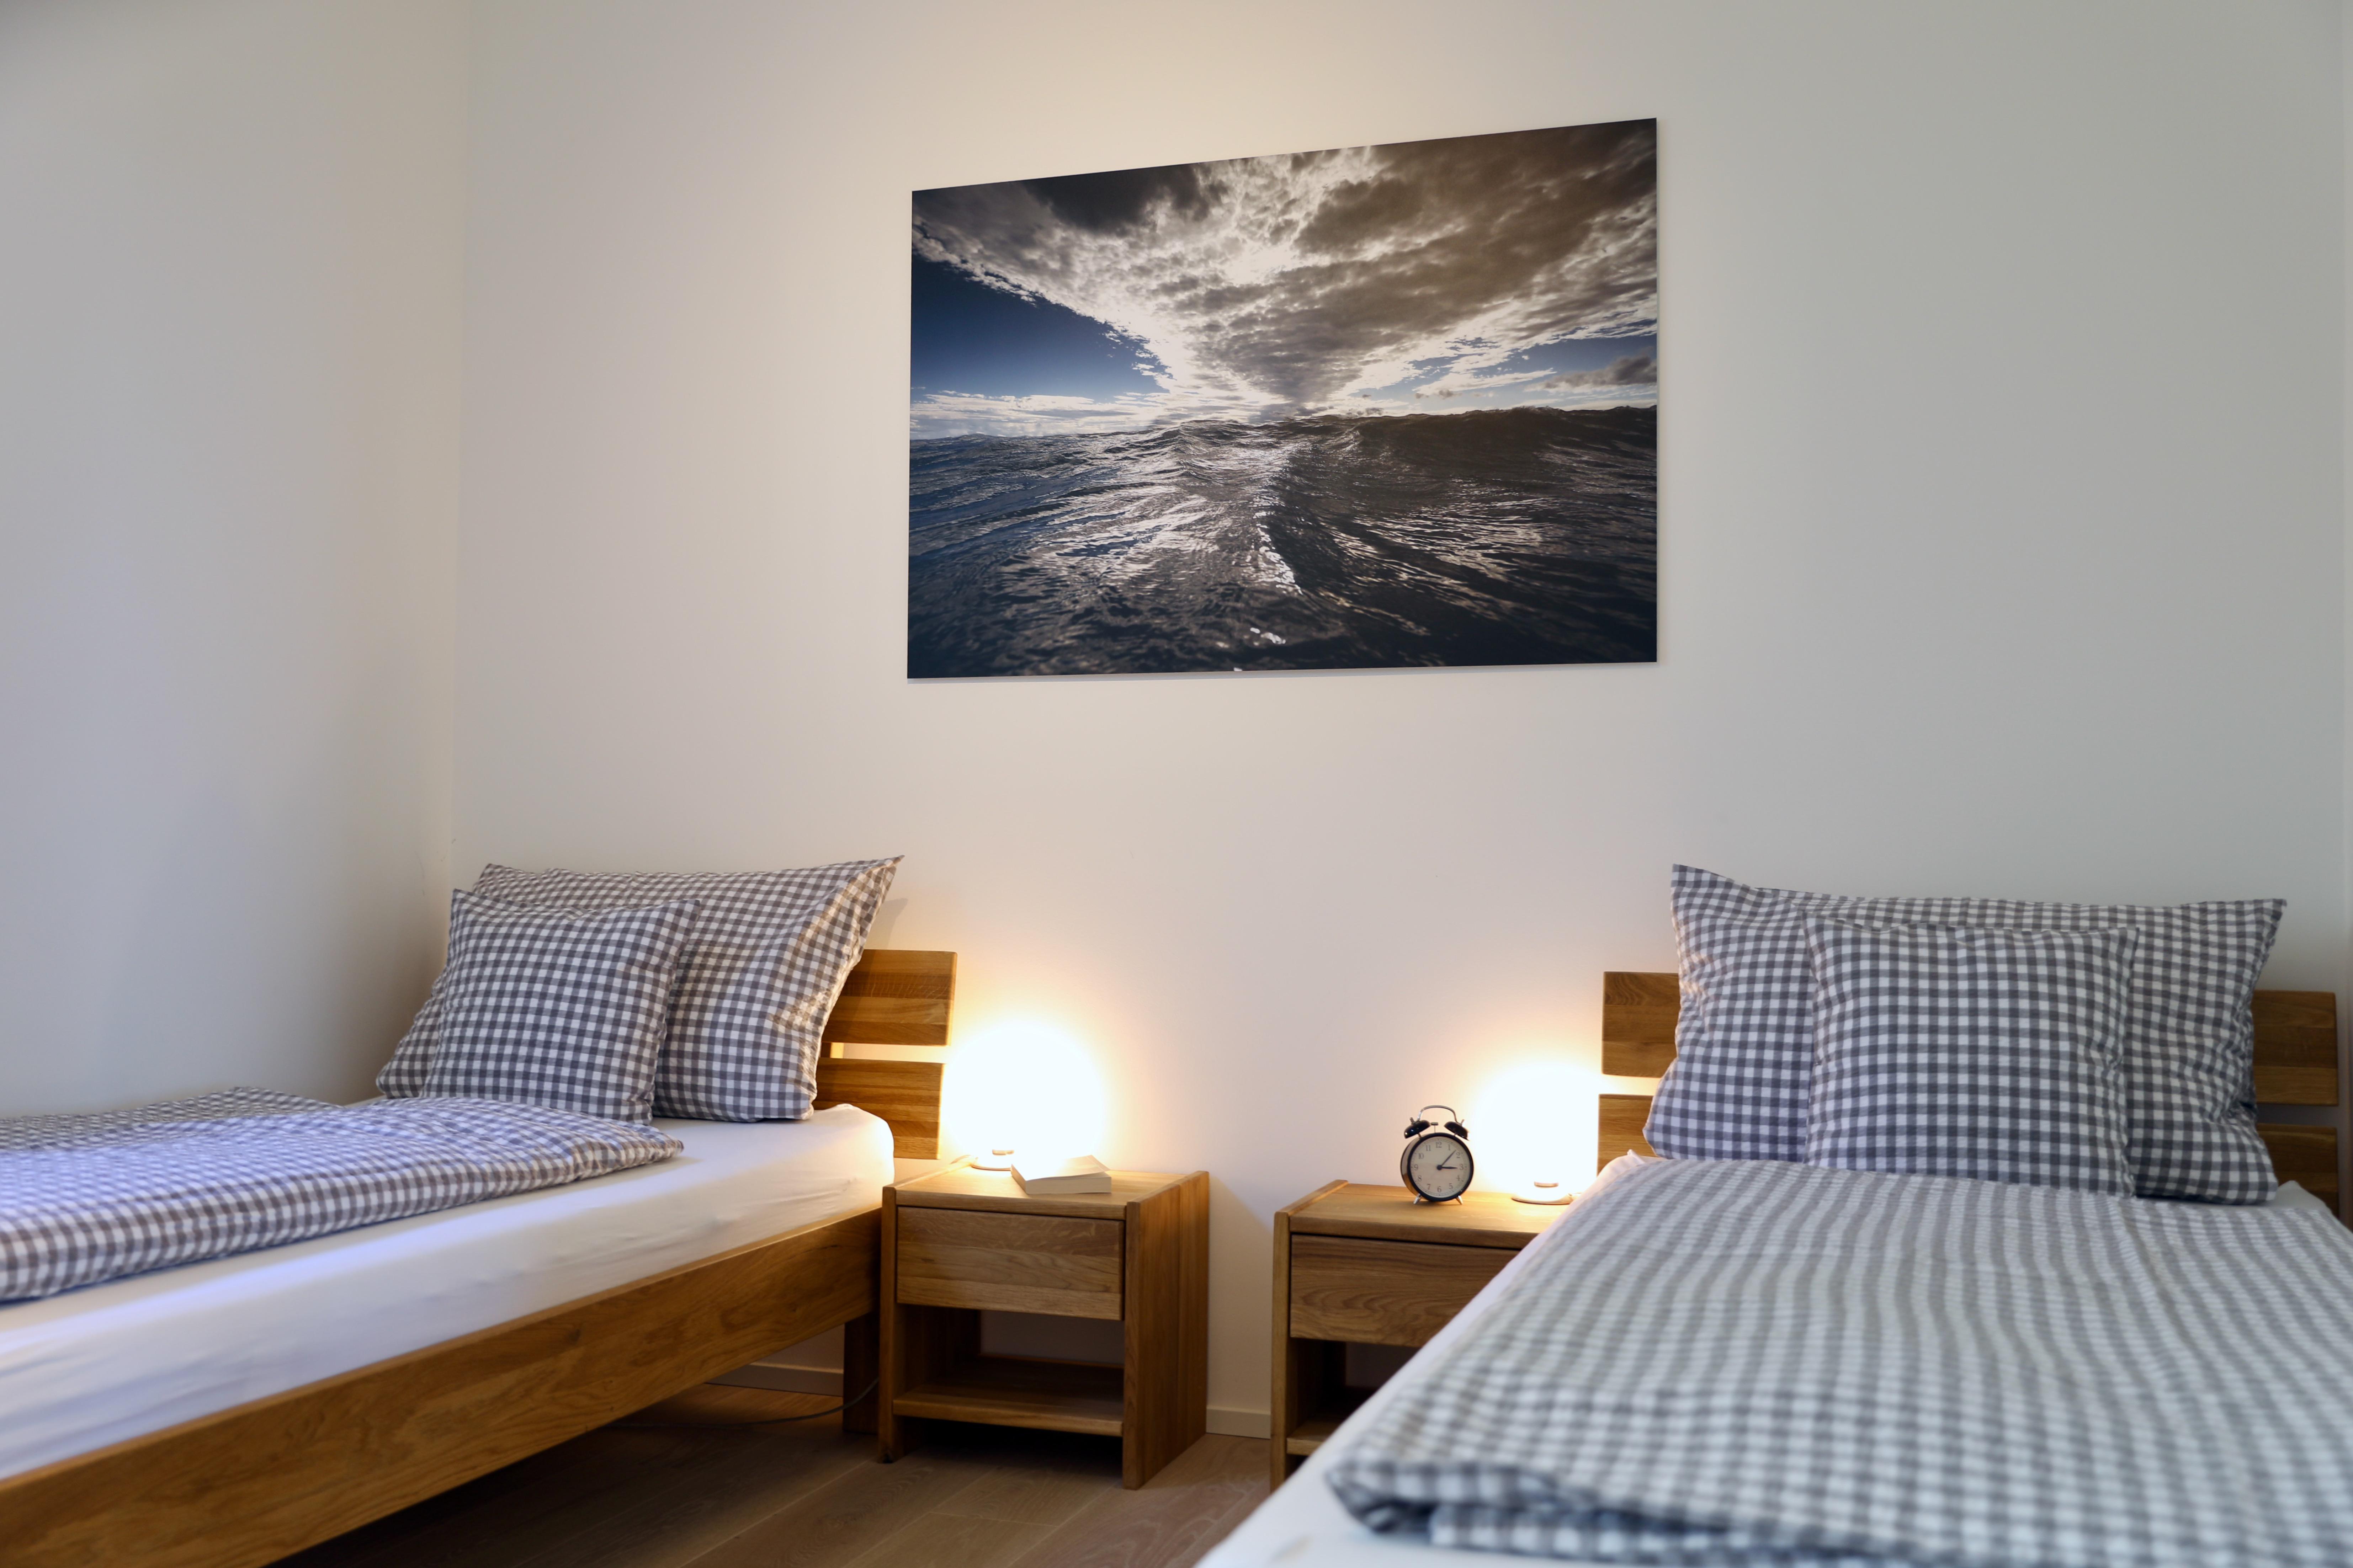 Ferienwohnung mit Seeblick - modern & komfortabel - Departamentos